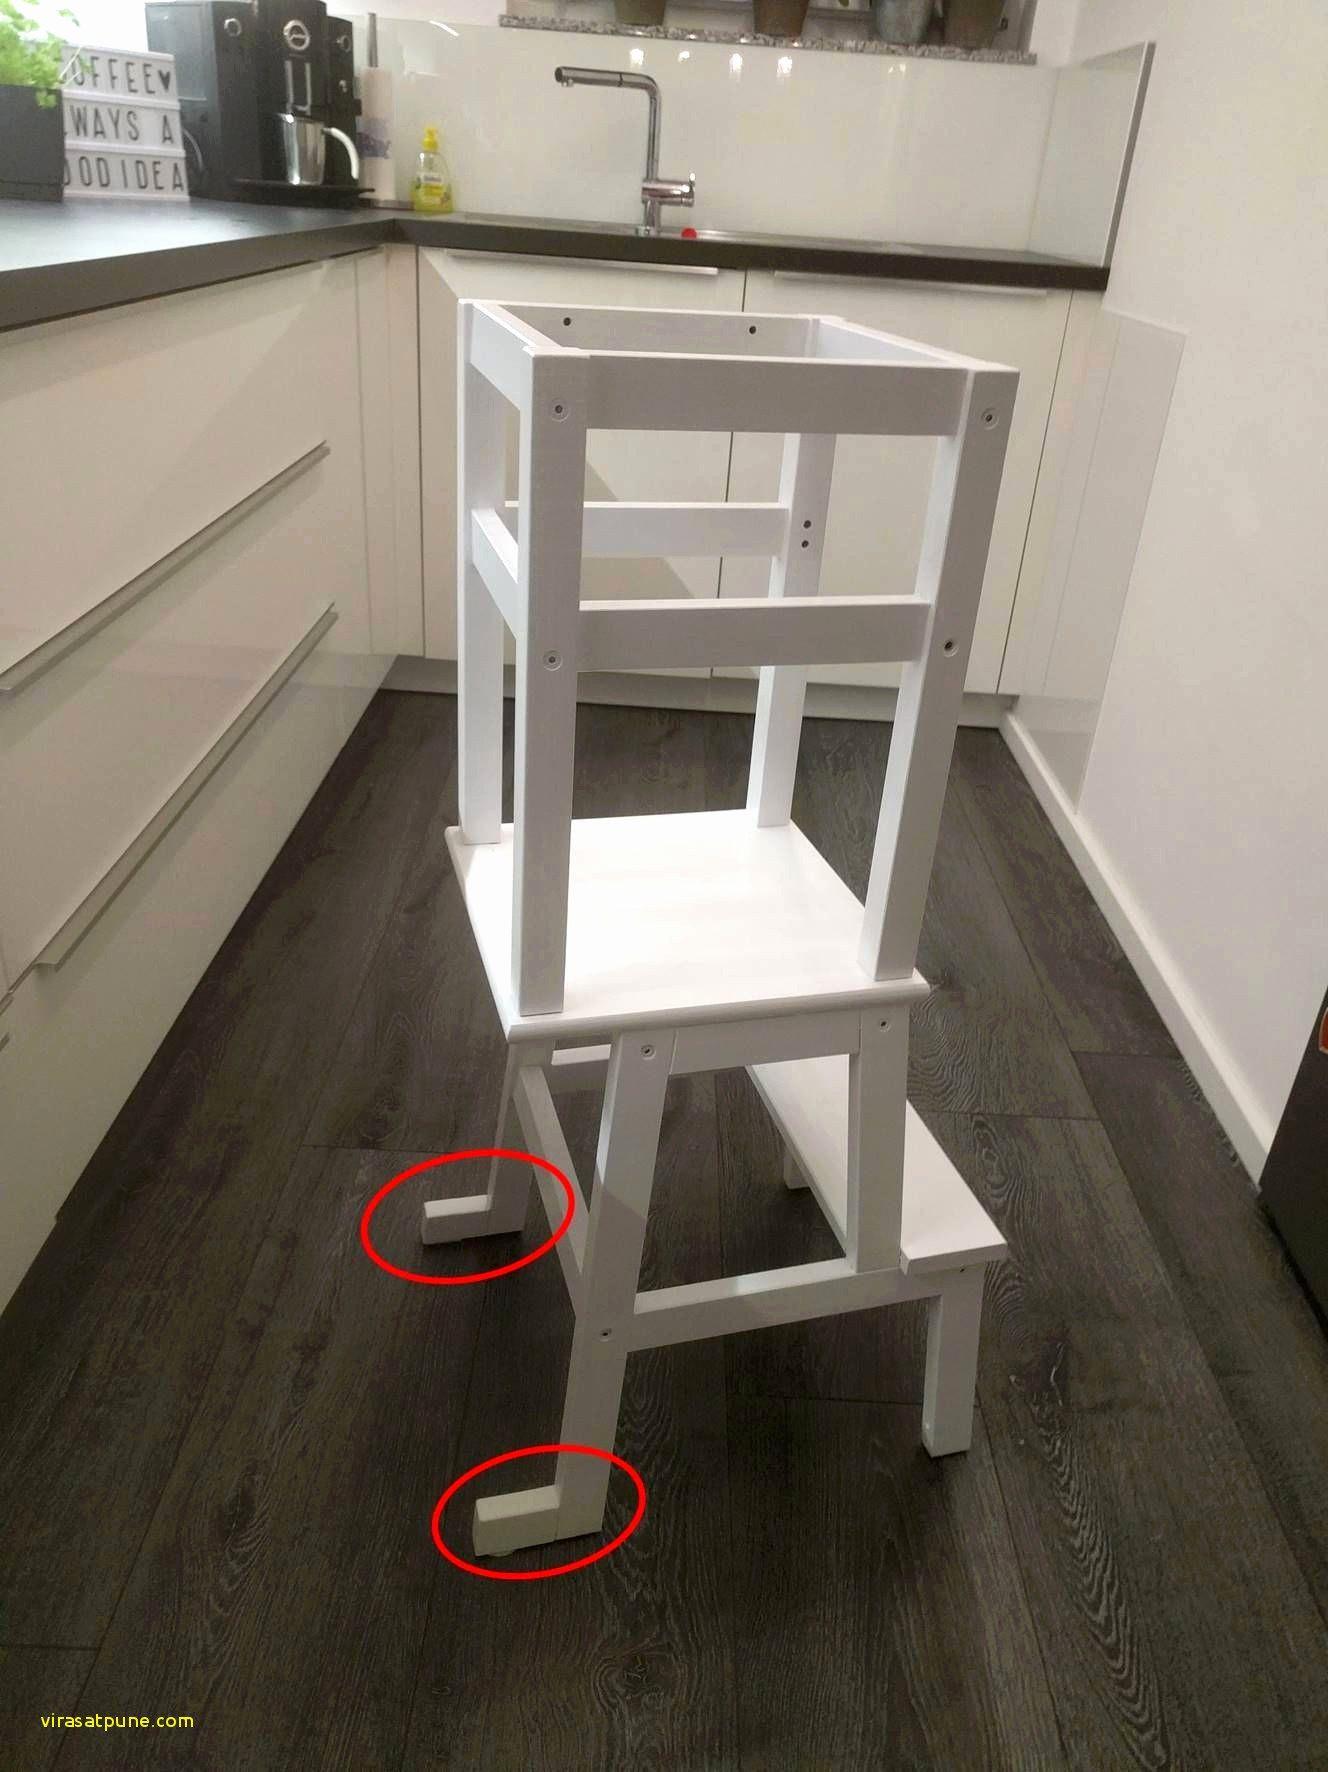 Applique Tete De Lit Inspiré Tete De Lit Chez Ikea Inspirant Résultat Supérieur Applique Chambre